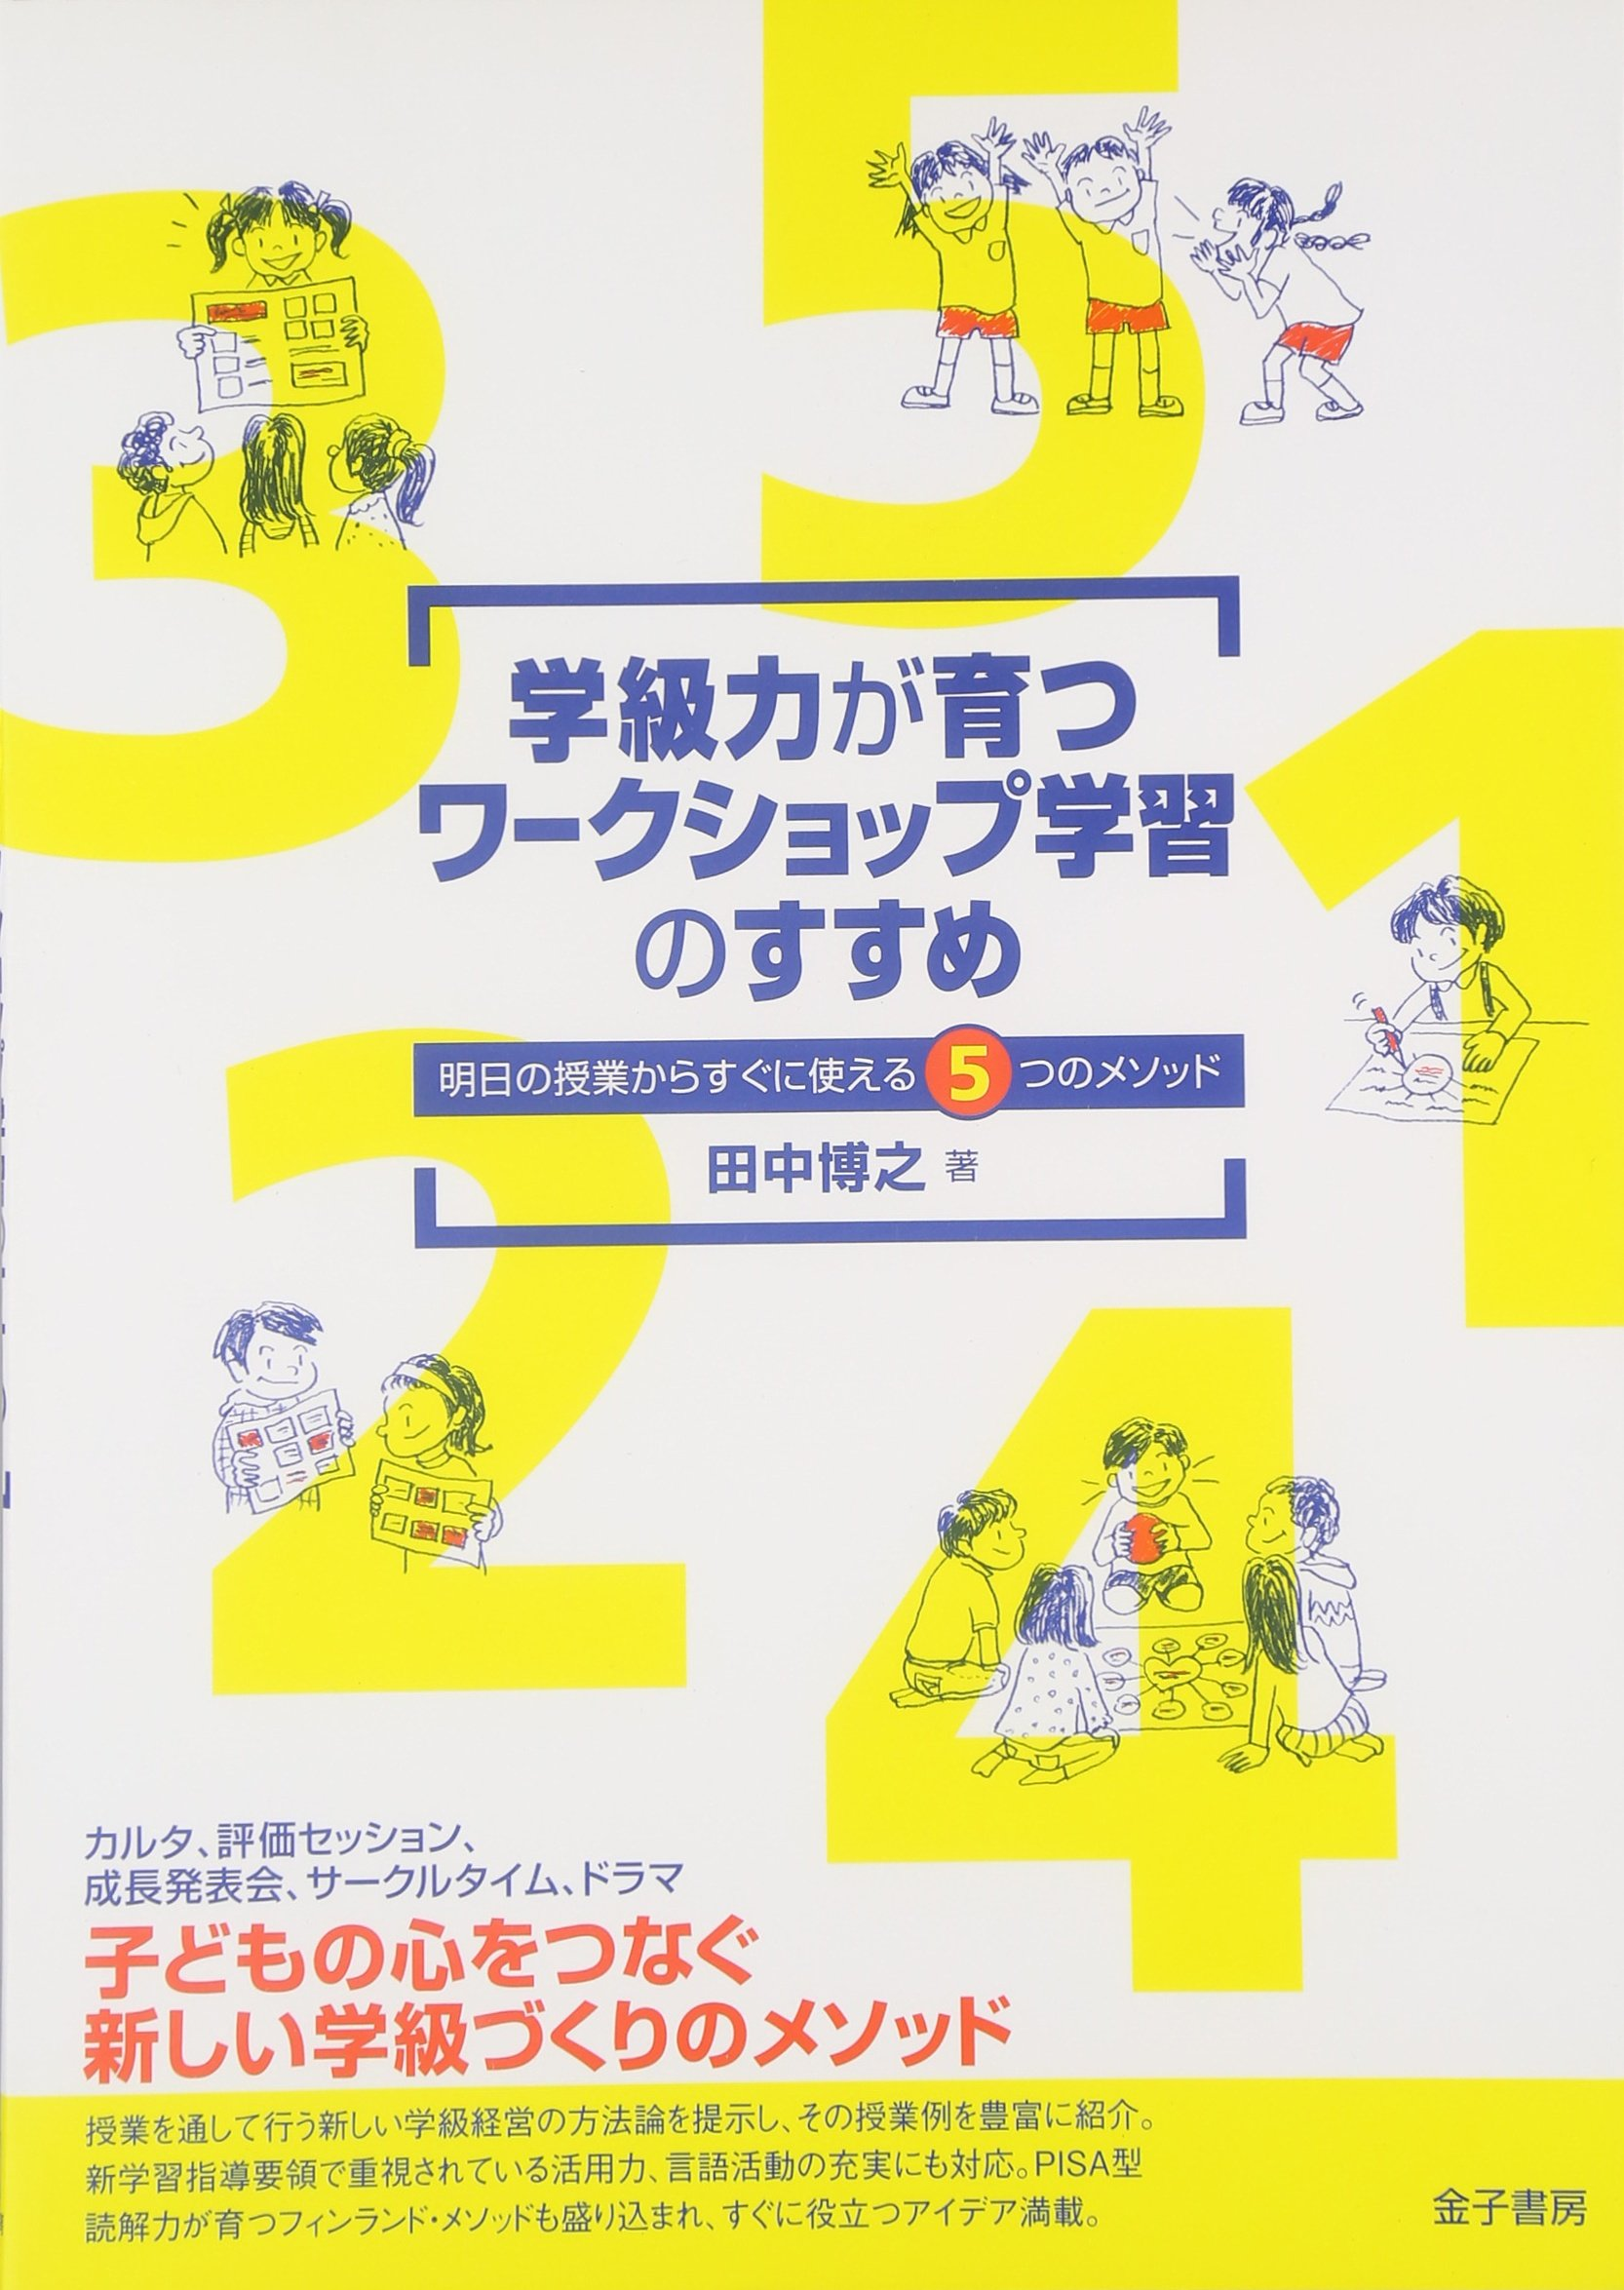 Gakkyūryoku ga sodatsu wākushoppu gakushū no susume : Ashita no jugyō kara suguni tsukaeru itsutsu no mesoddo ebook